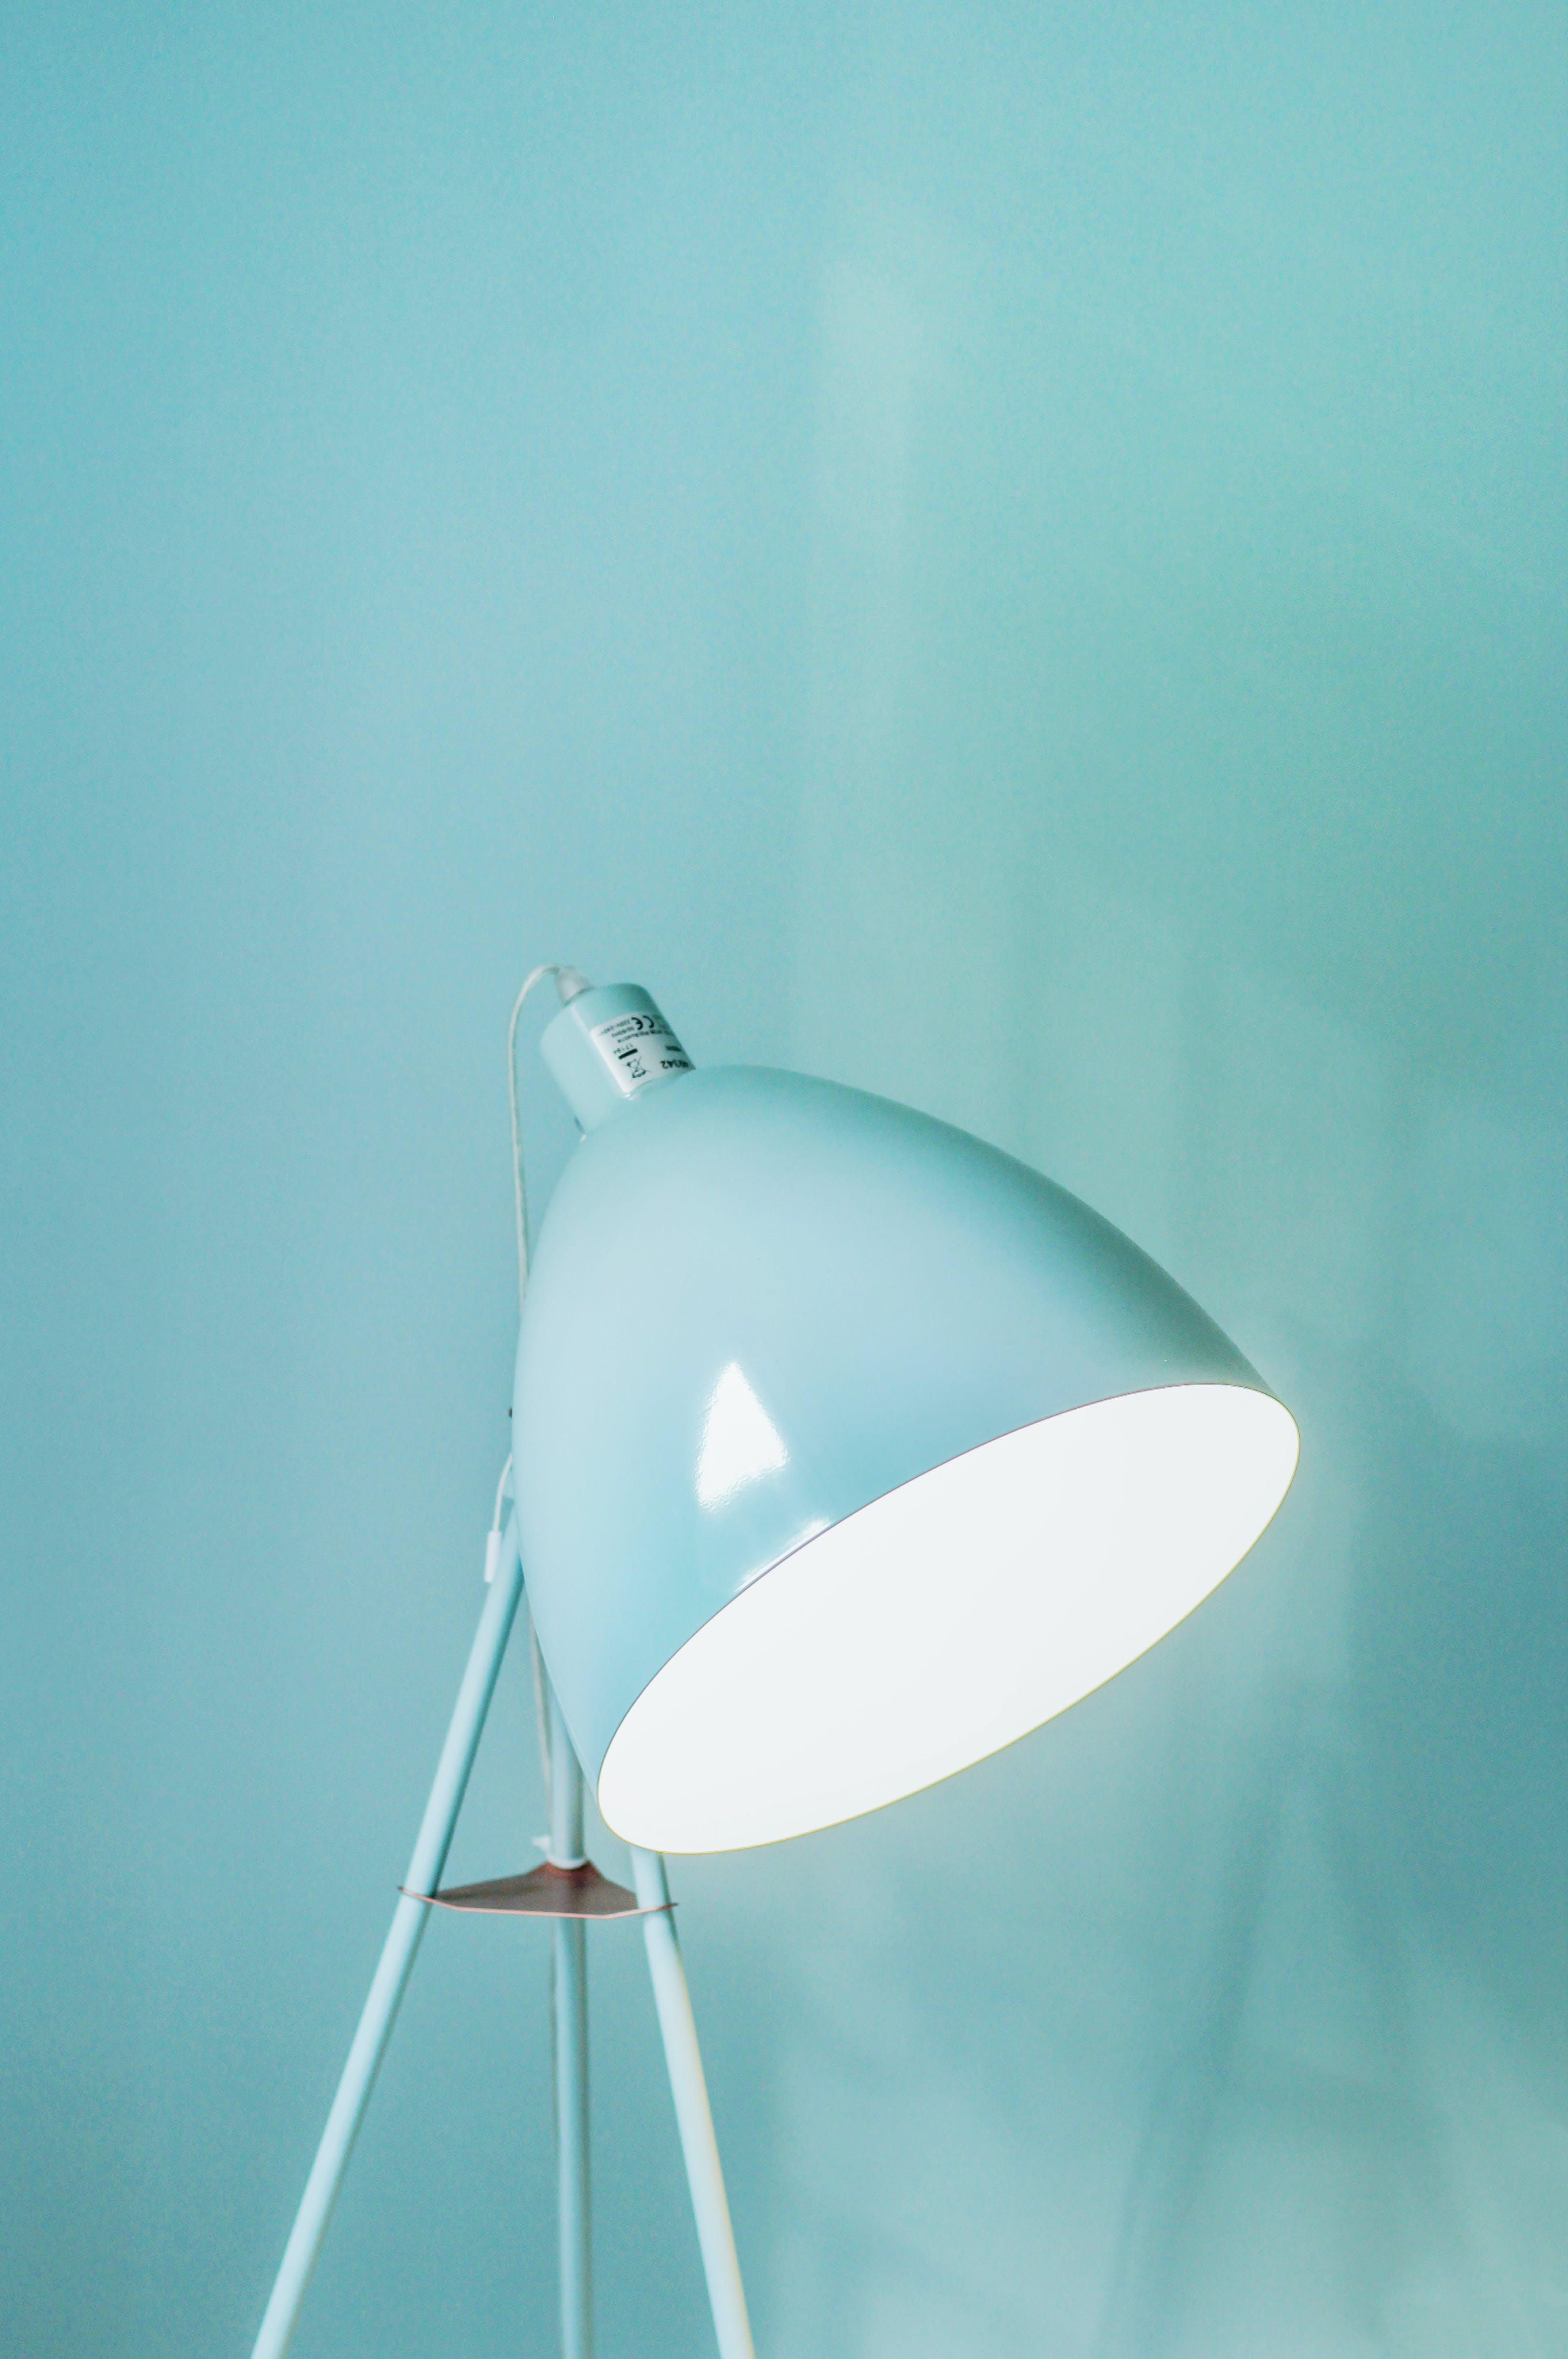 Foto d'estoc gratuïta de acer, blau, blau clar, brillant